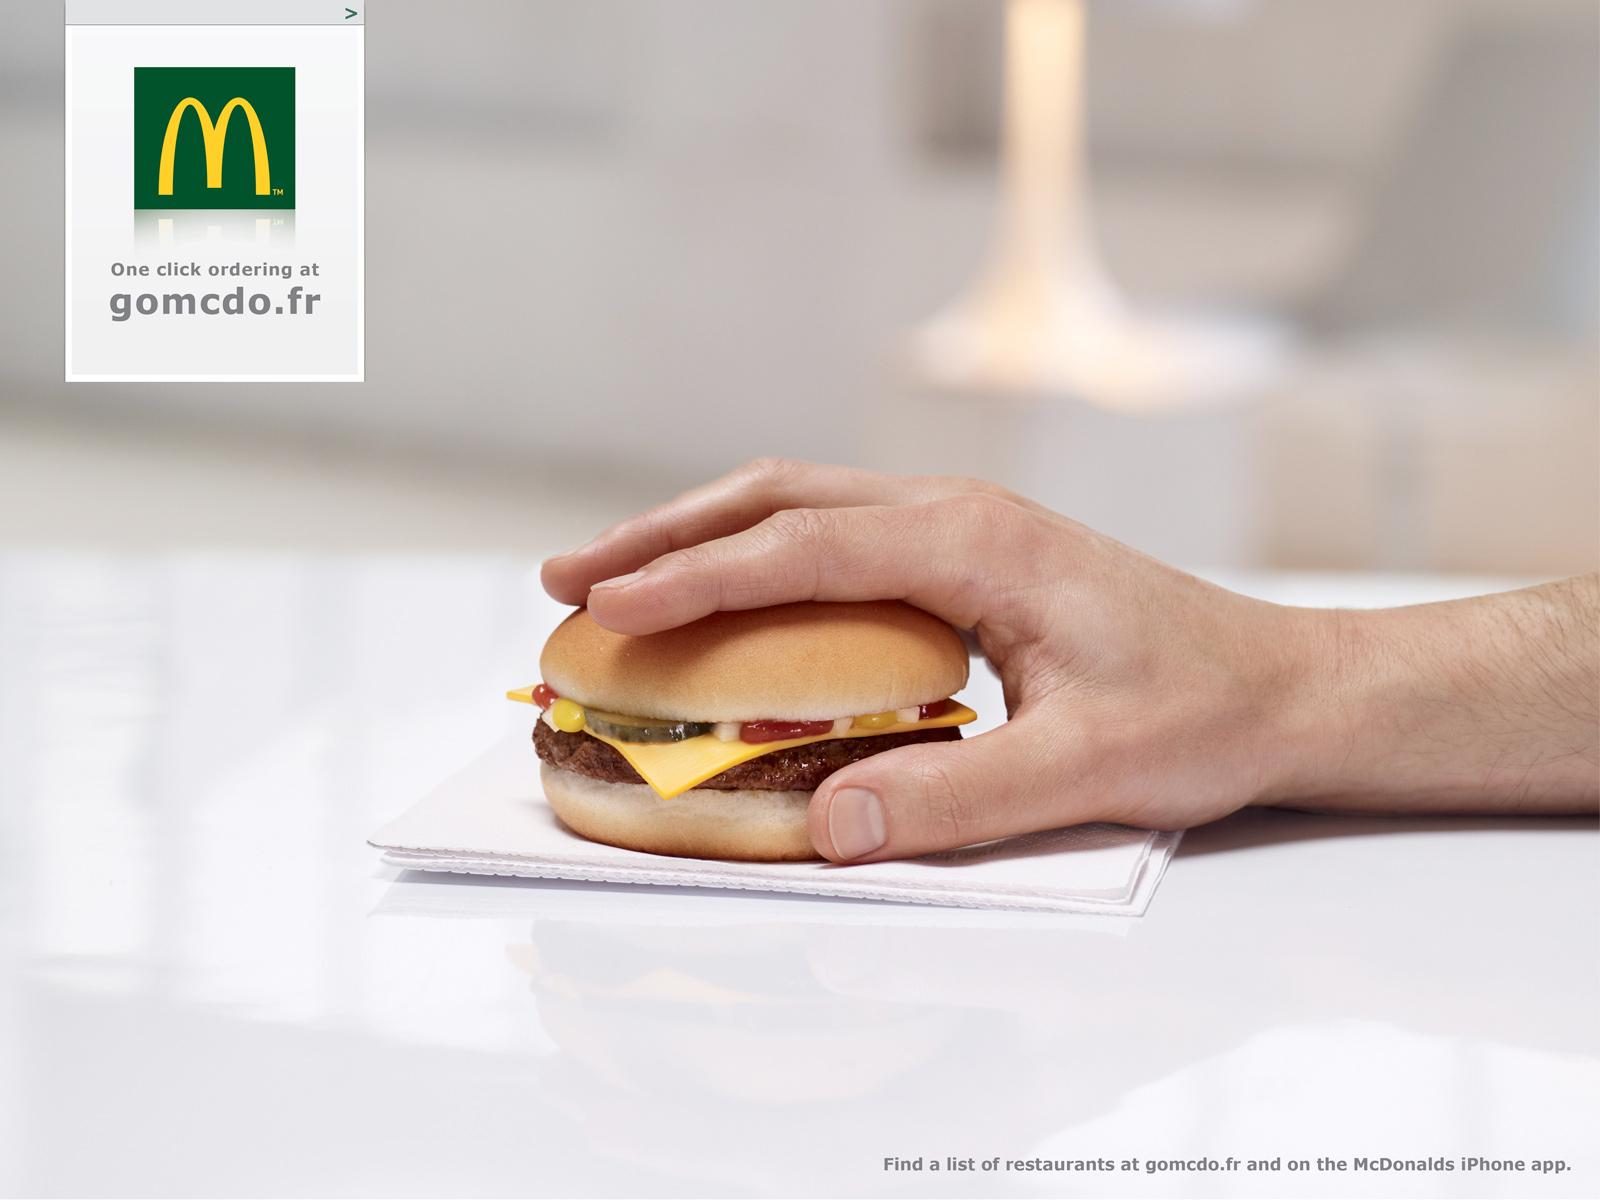 llllitl-mcdonalds-publicité-print-commande-en-ligne-site-web-souris-clavier-burgers-online-tbwa-paris